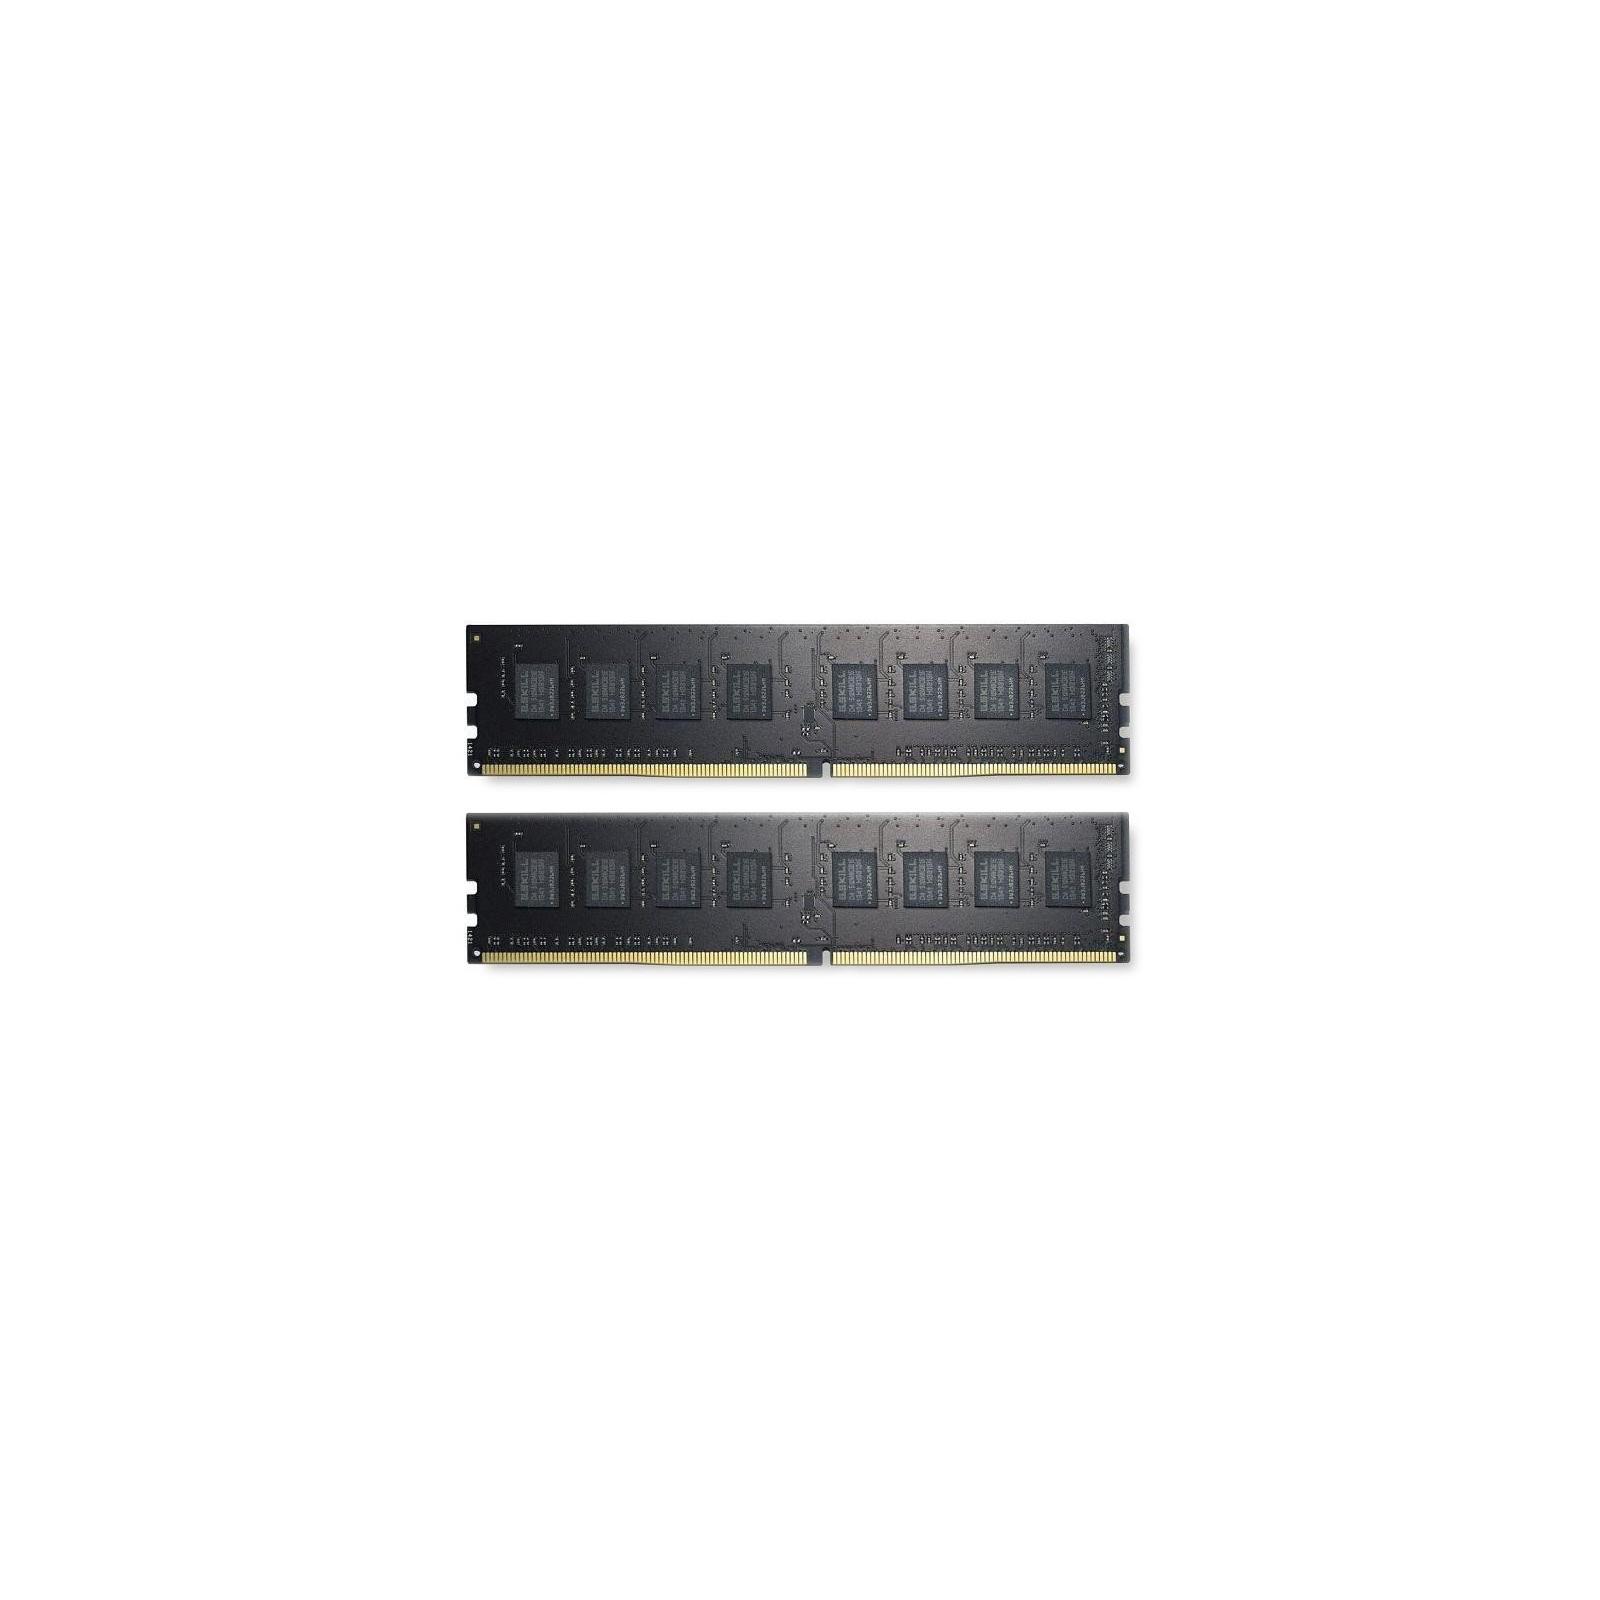 Модуль памяти для компьютера DDR4 8GB (2x4GB) 2400 MHz G.Skill (F4-2400C15D-8GNT)